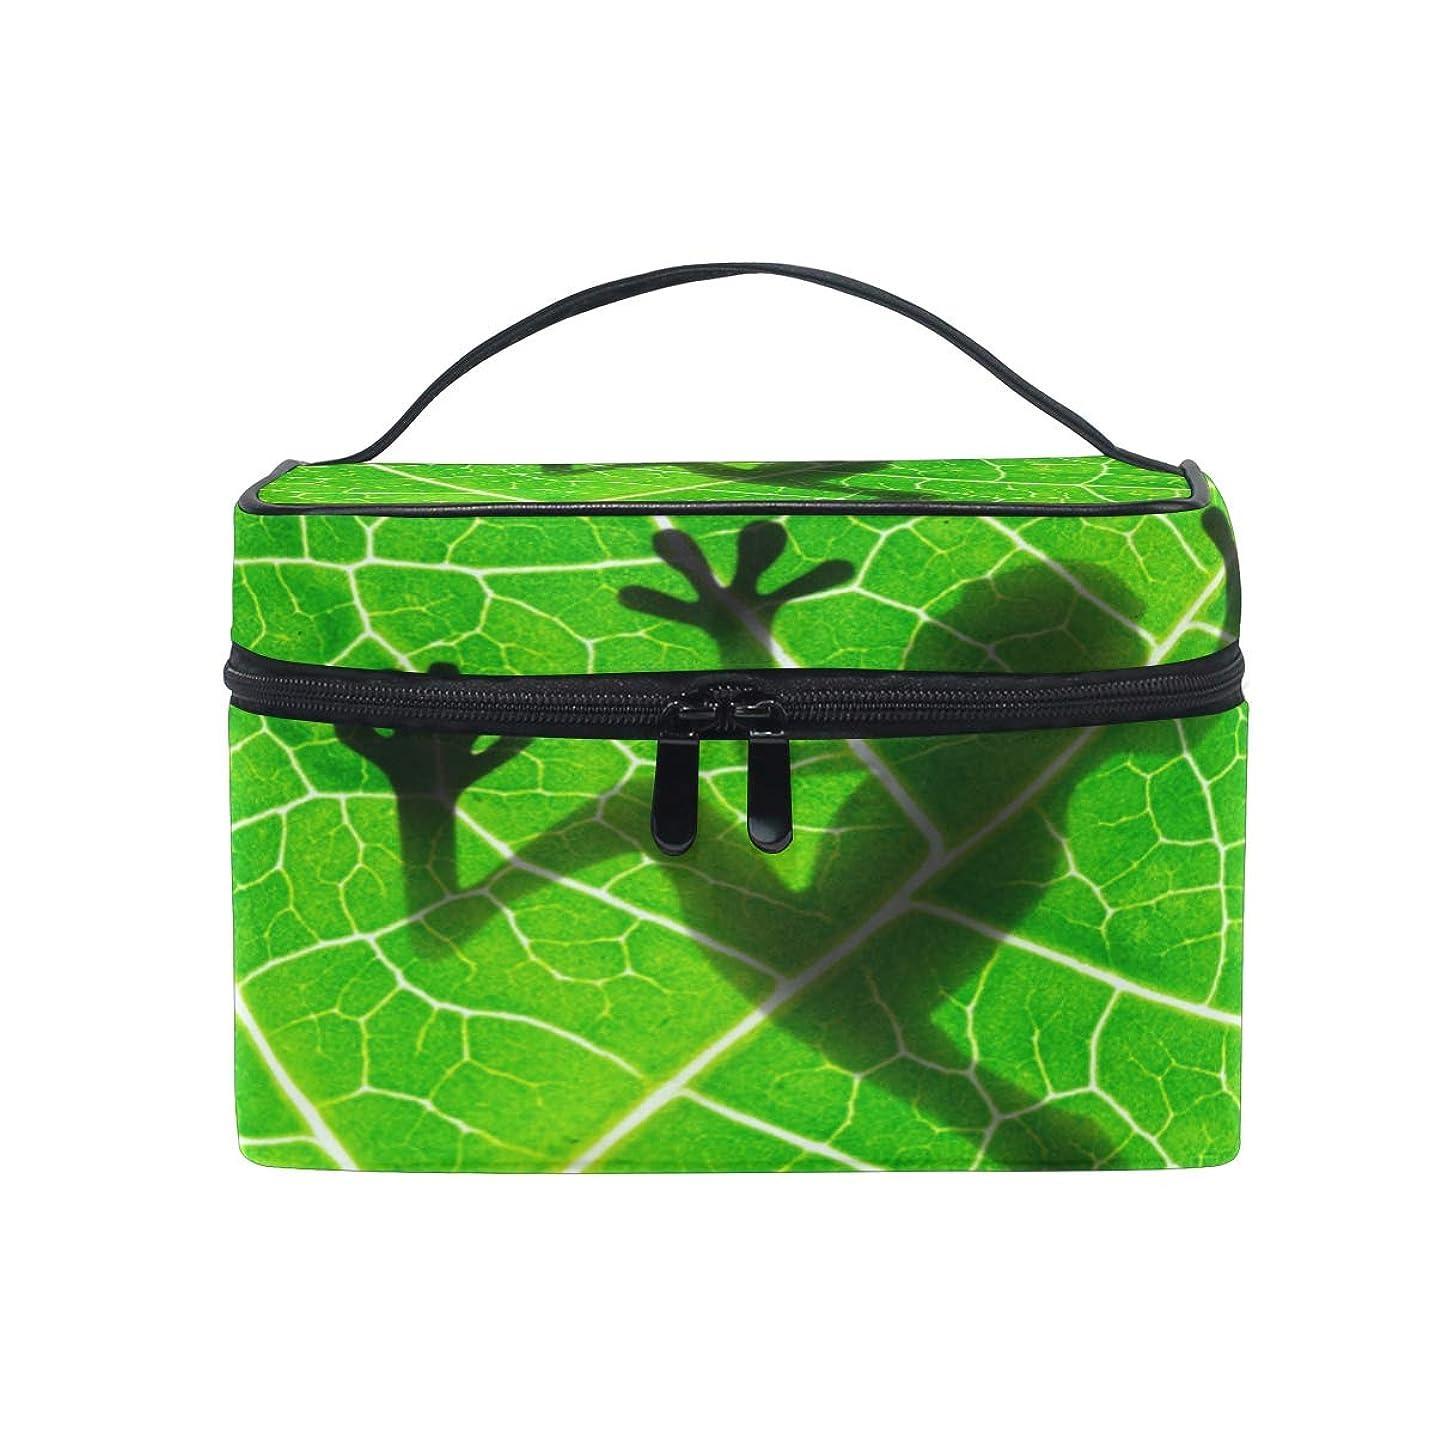 なめるなだめる囲まれたUOOYA 熱帯雨林の 面白い 木のカエル おしゃれ メイクボックス 大容量 持ち運び メイクポーチ 人気 小物入れ 通学 通勤 旅行用 プレゼント用